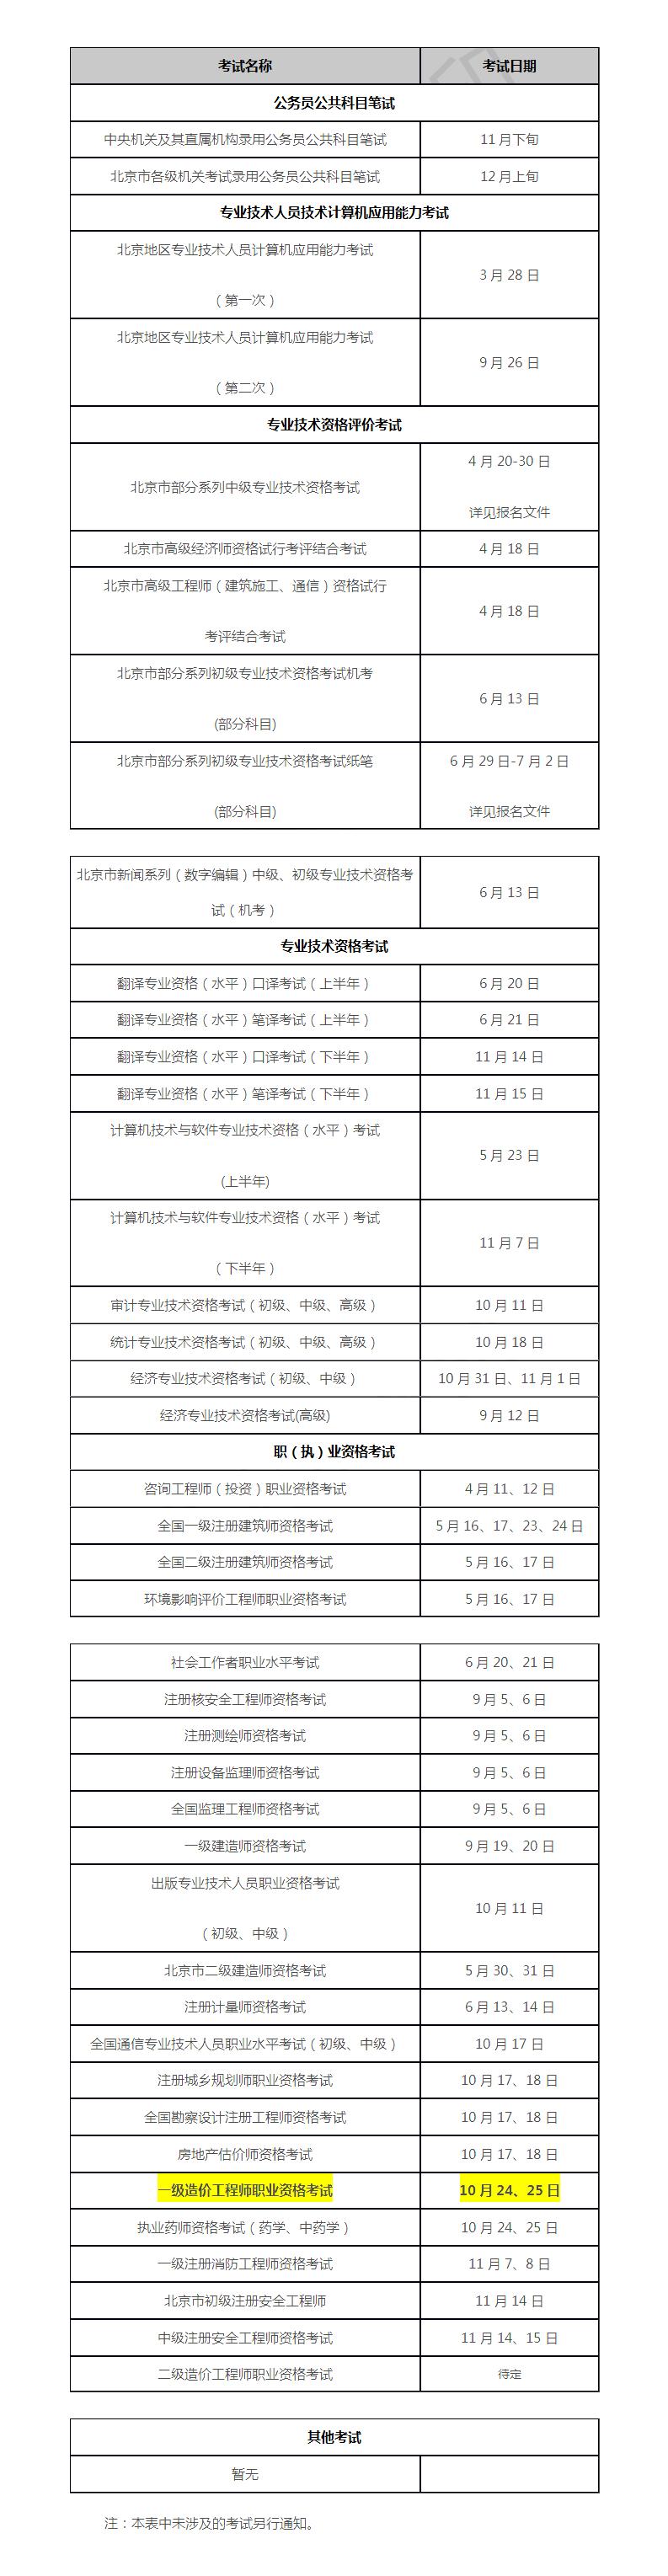 2020年北京全年考試計劃(造價工程師)